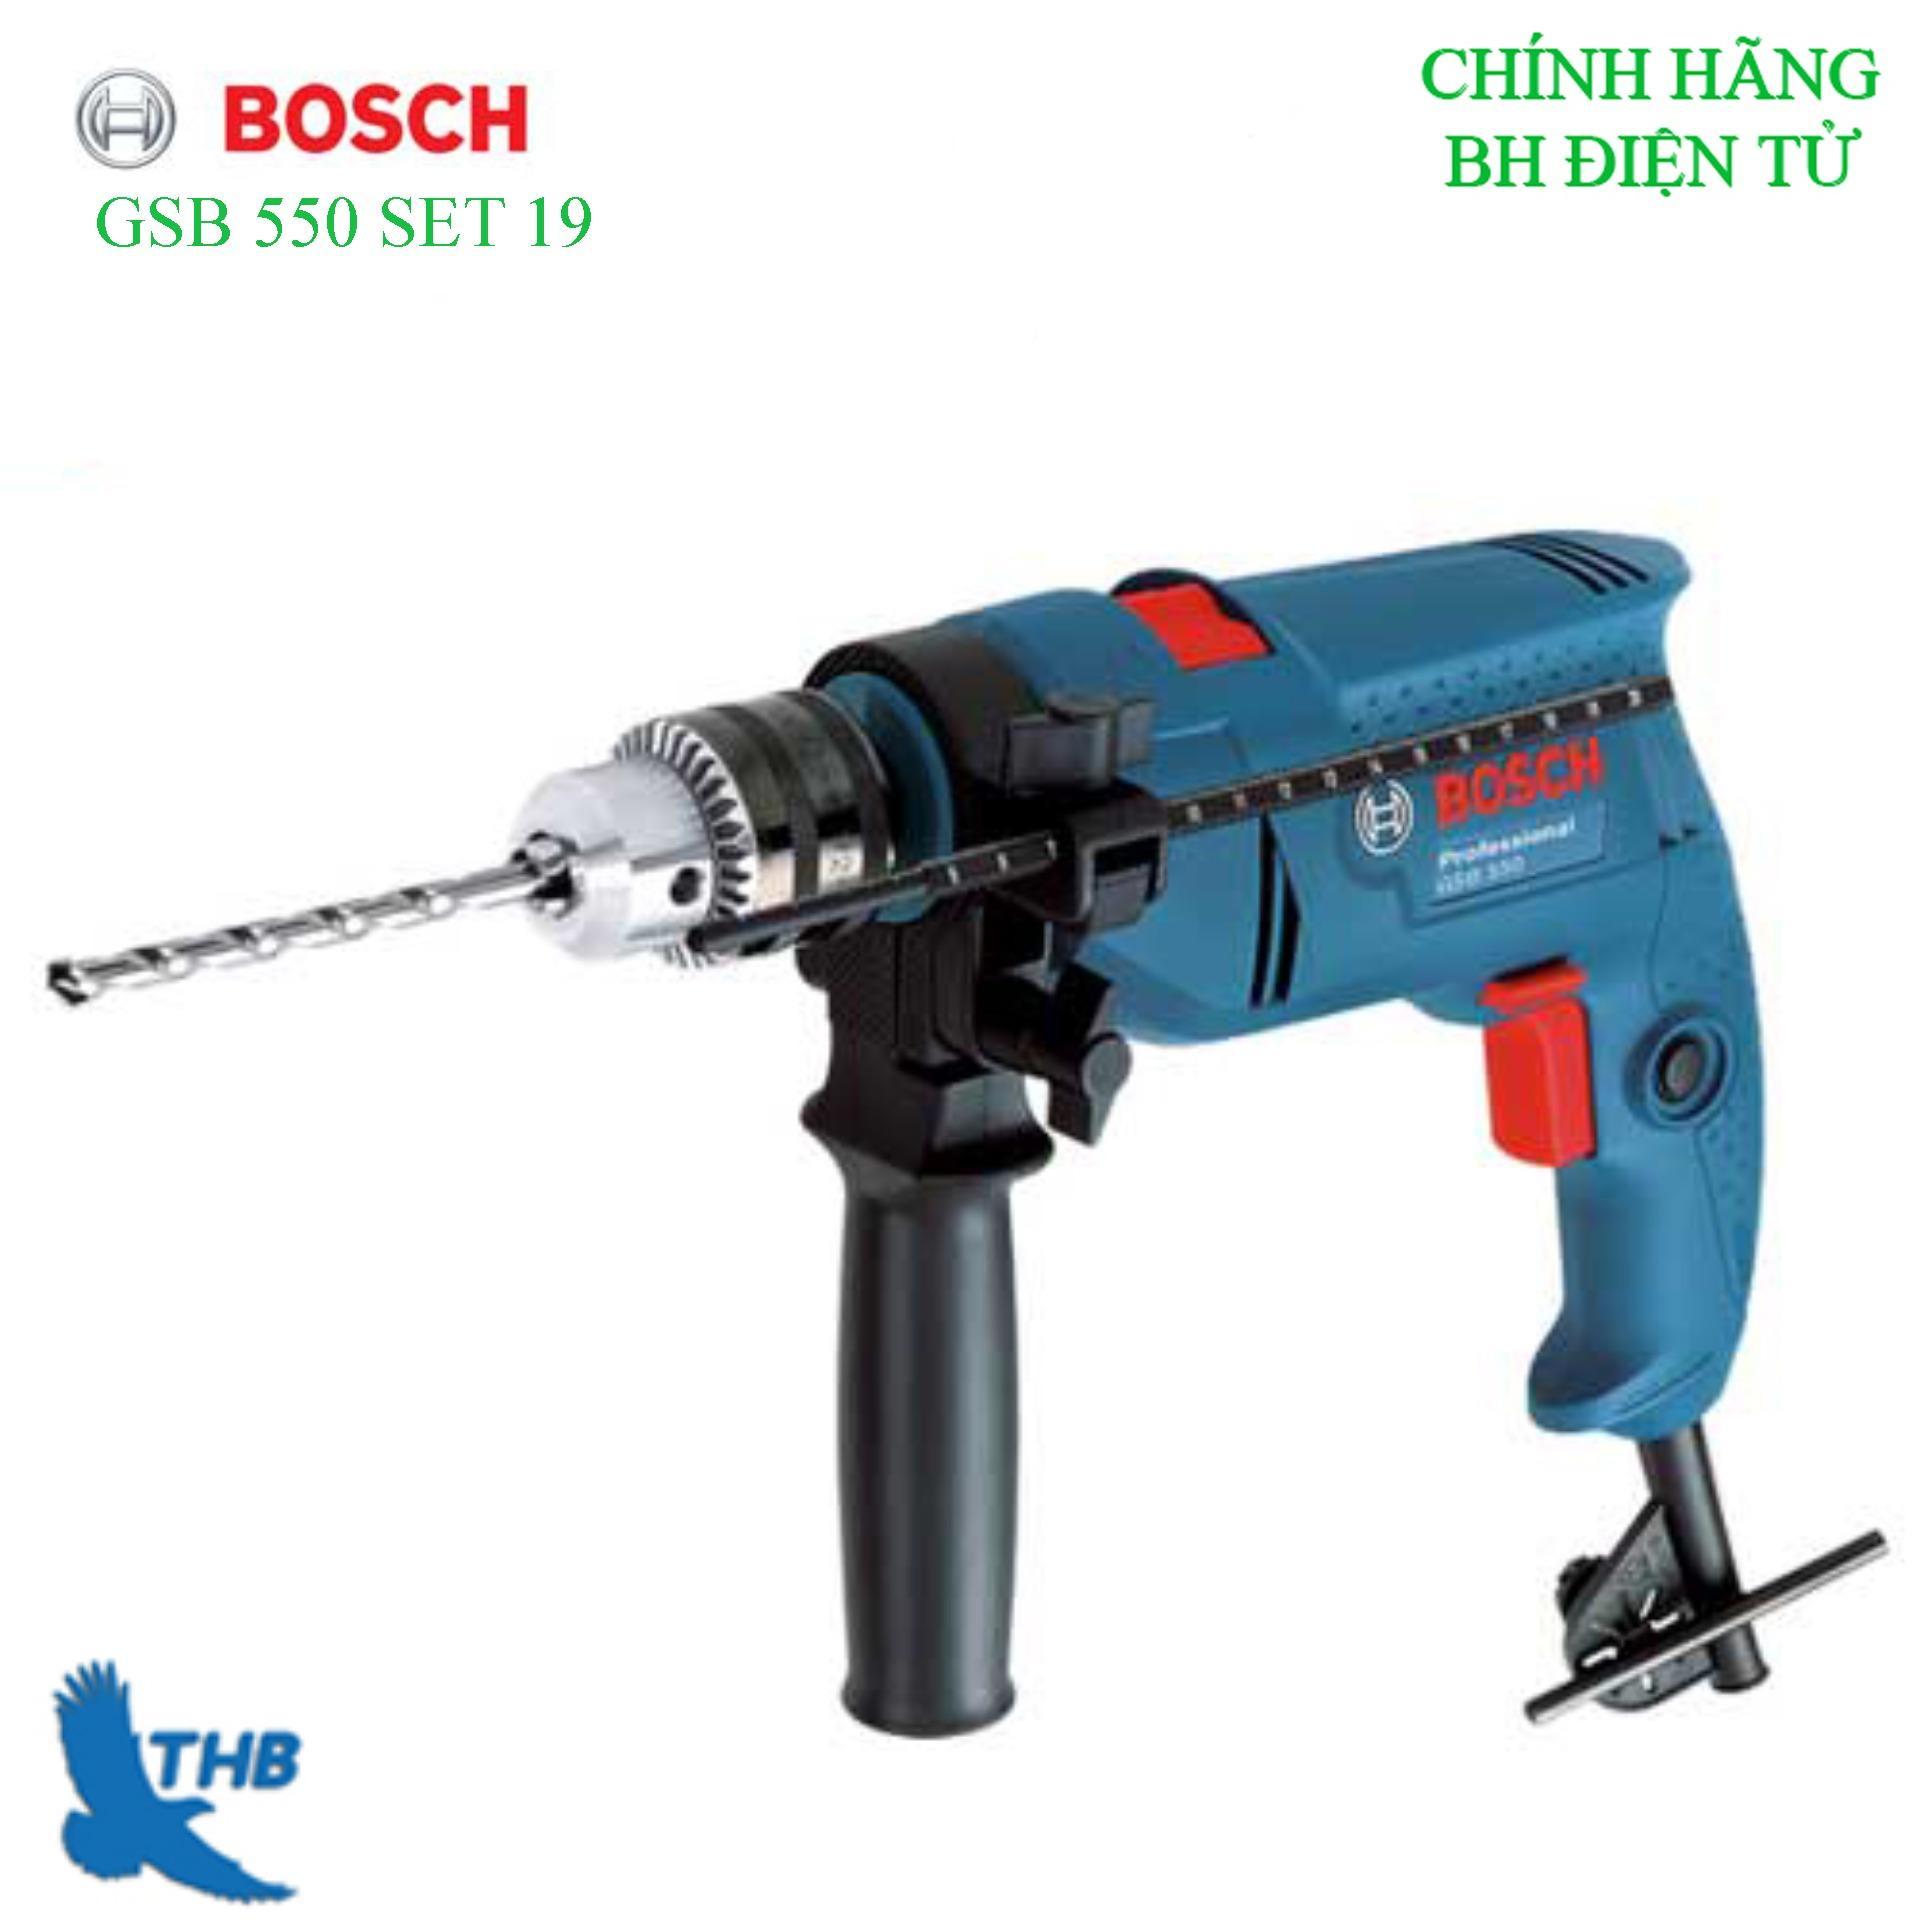 Bộ máy khoan động lực Bosch GSB 550 set 19 món phụ kiện